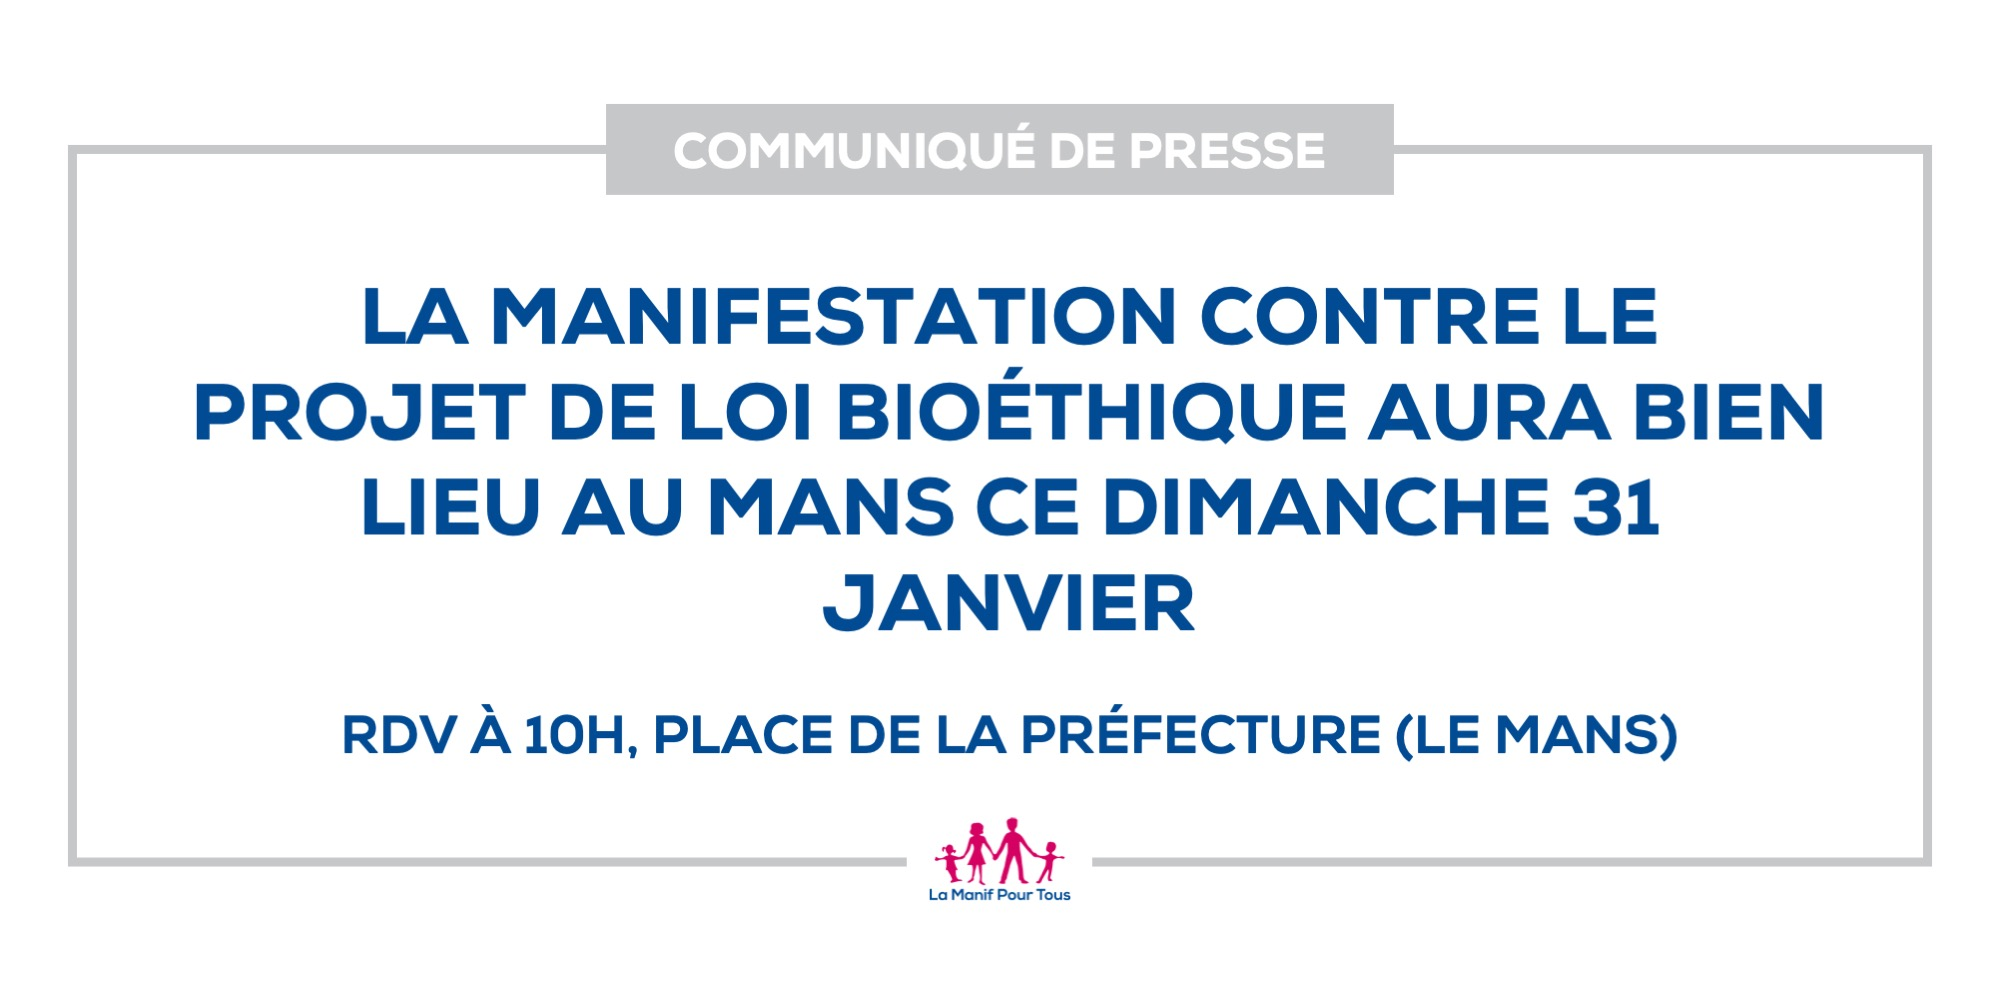 Image - La manifestation contre le projet de loi bioéthique aura bien lieu au Mans ce dimanche 31 janvier